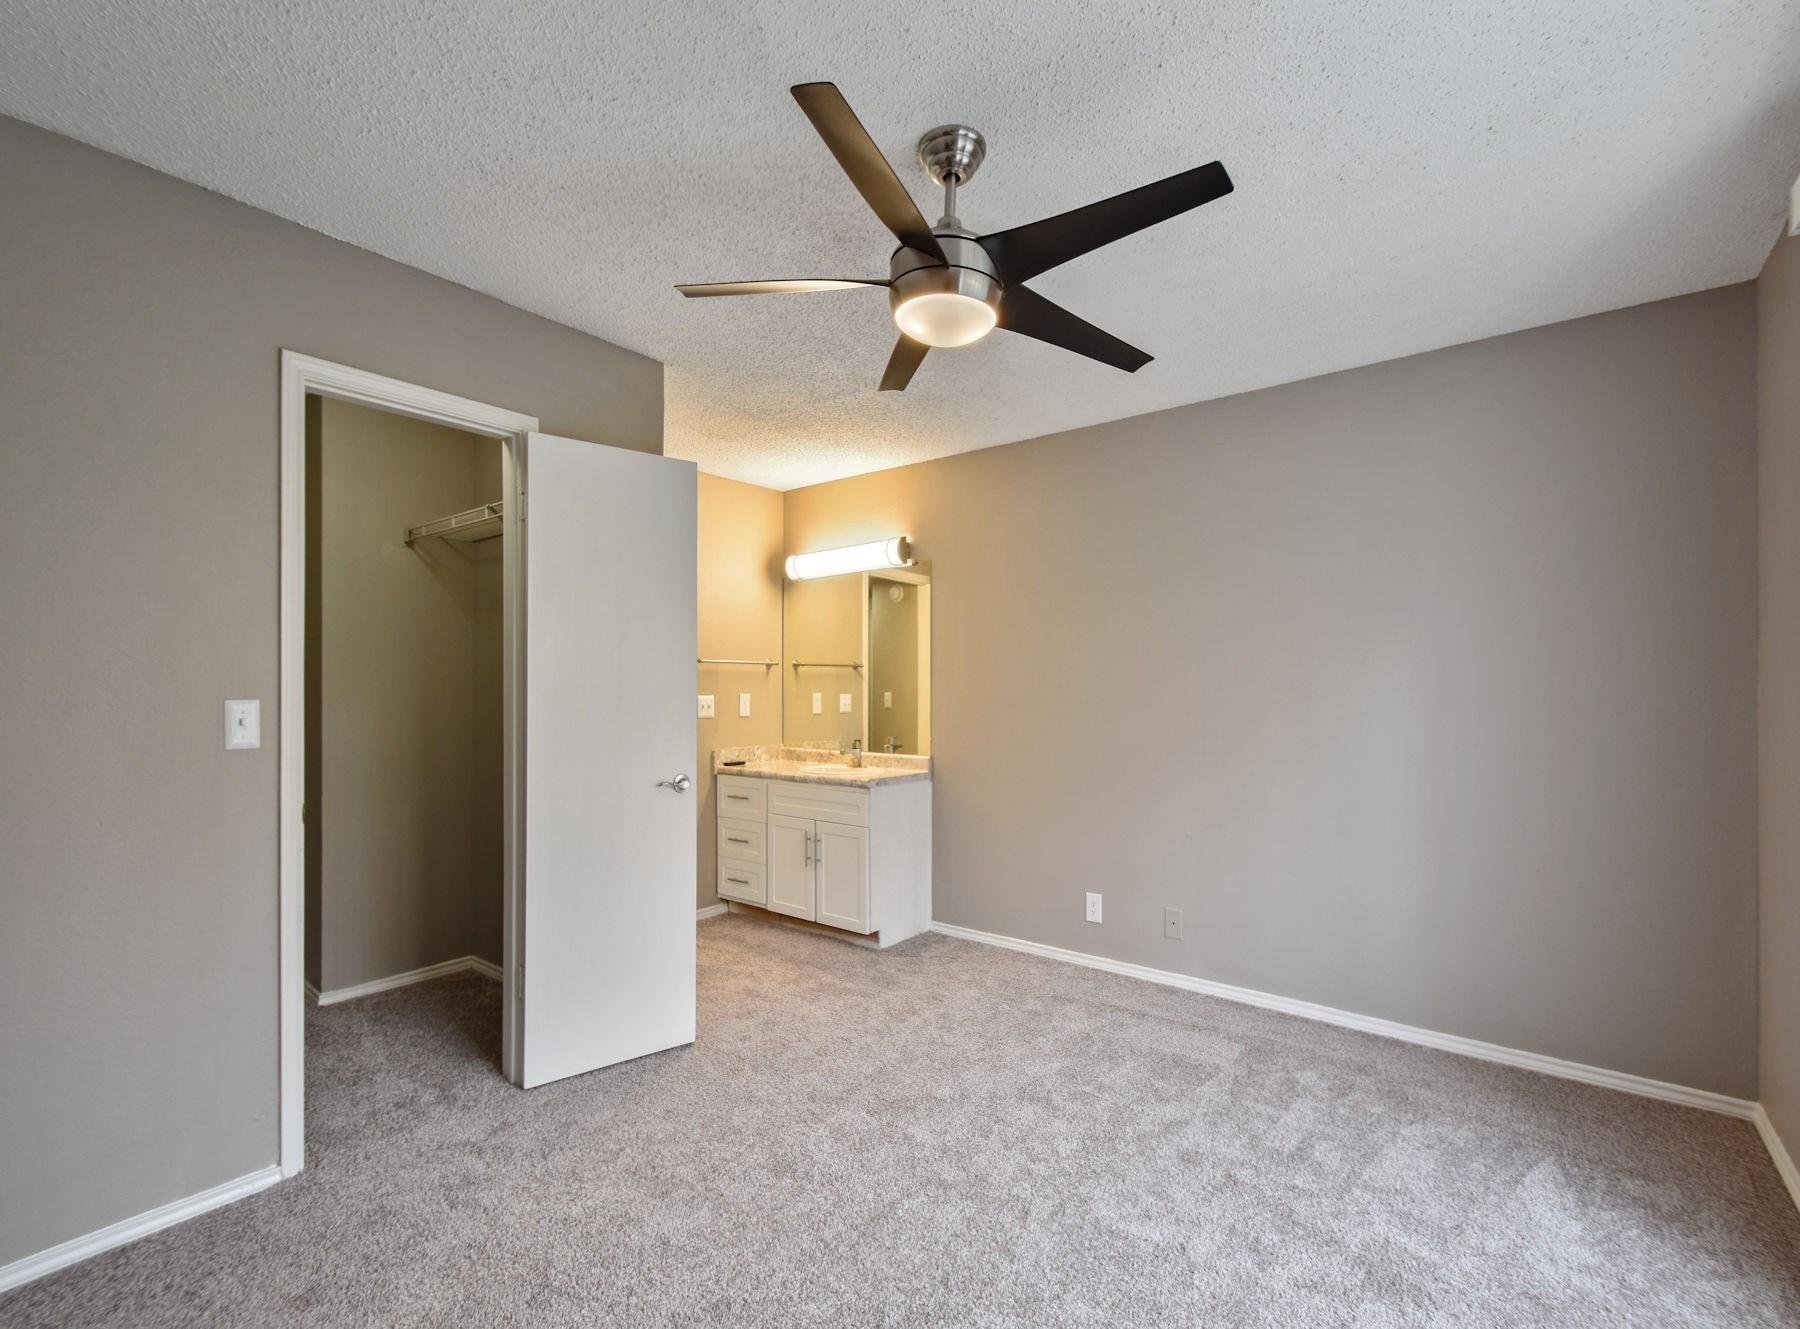 Model Bedroom With Ceiling Fan